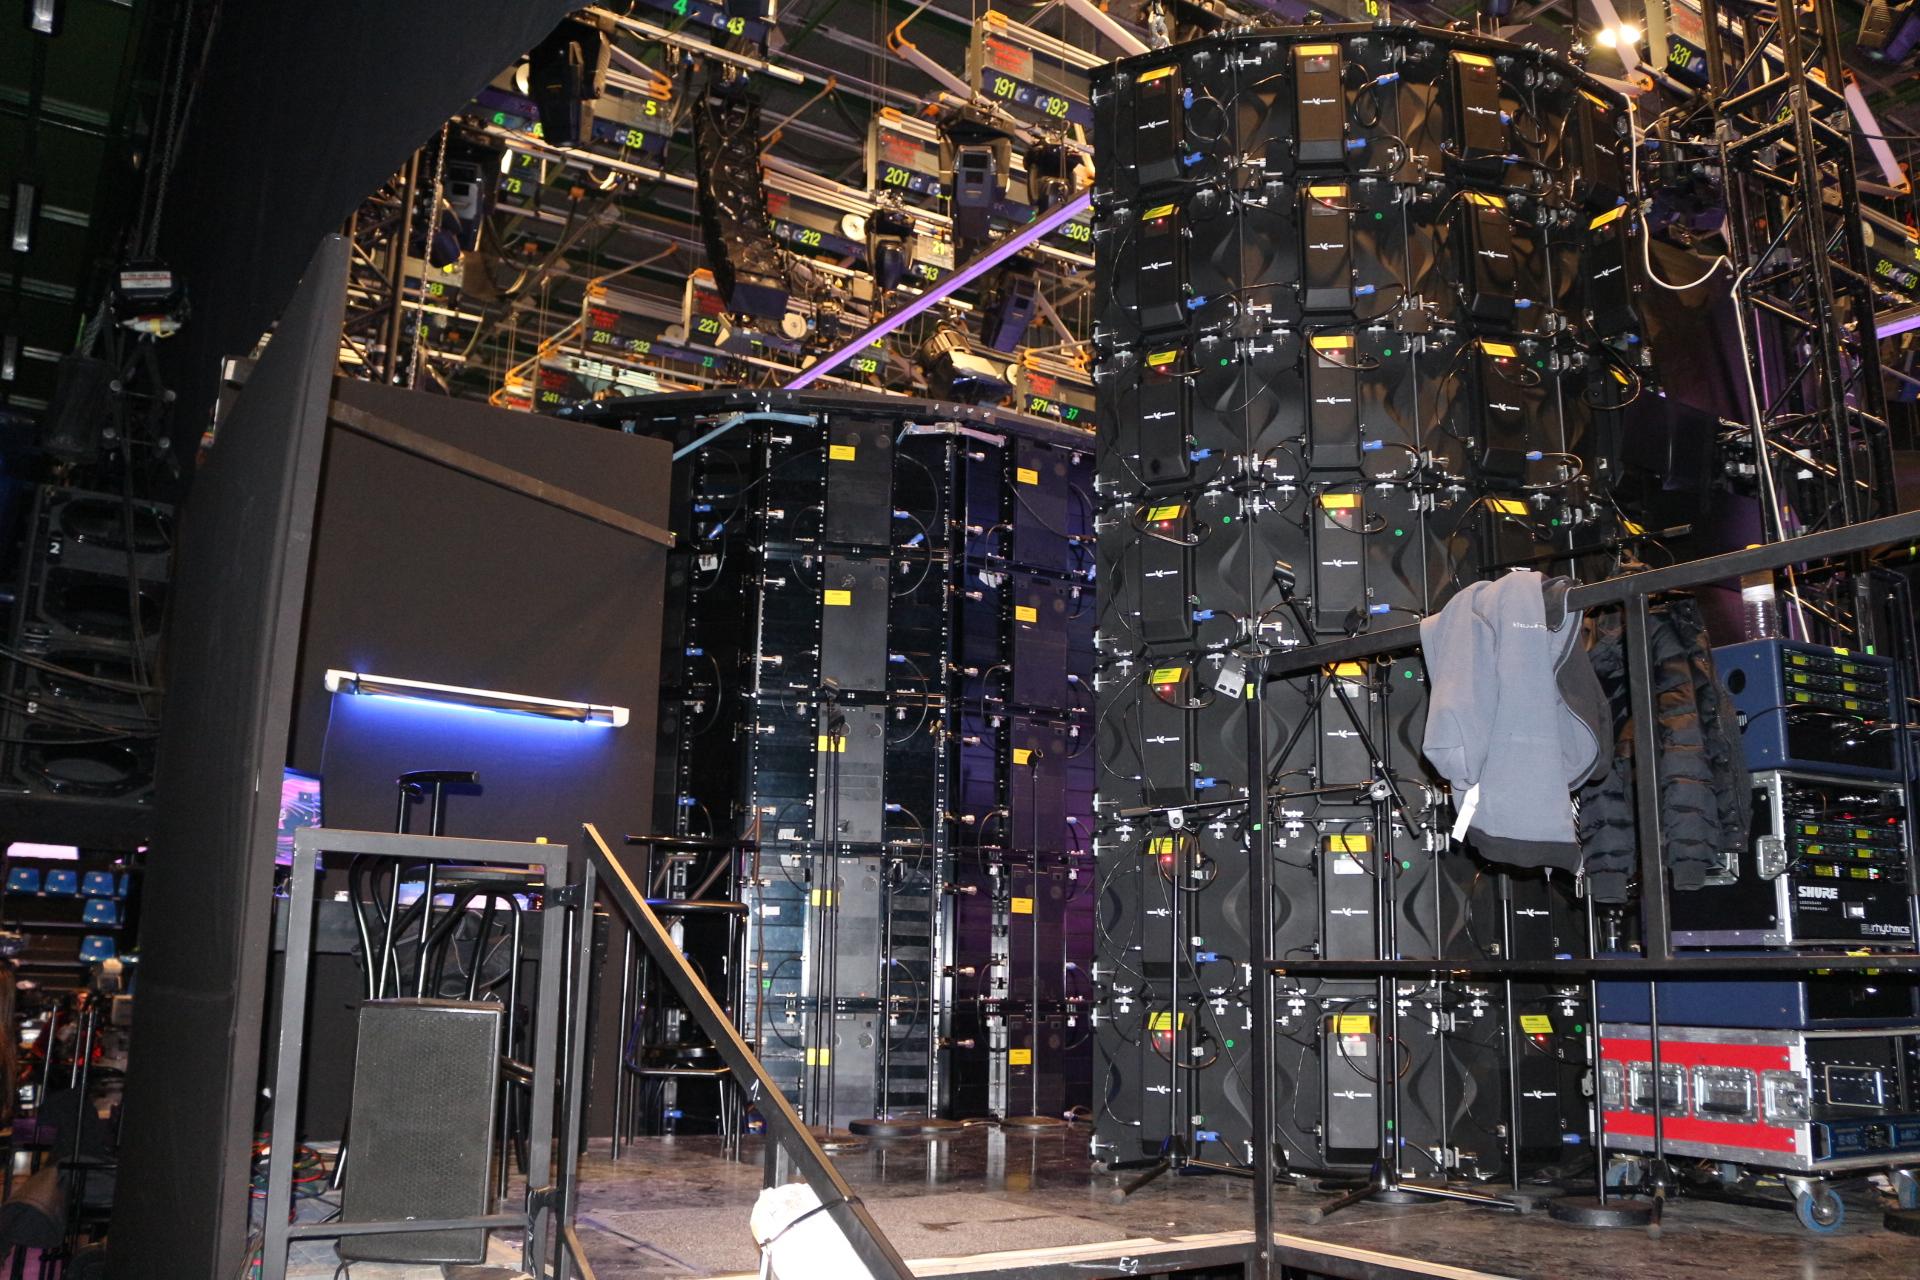 A Back stage -  LED egysĂŠgek hĂĄtĂşlrĂłl.JPG